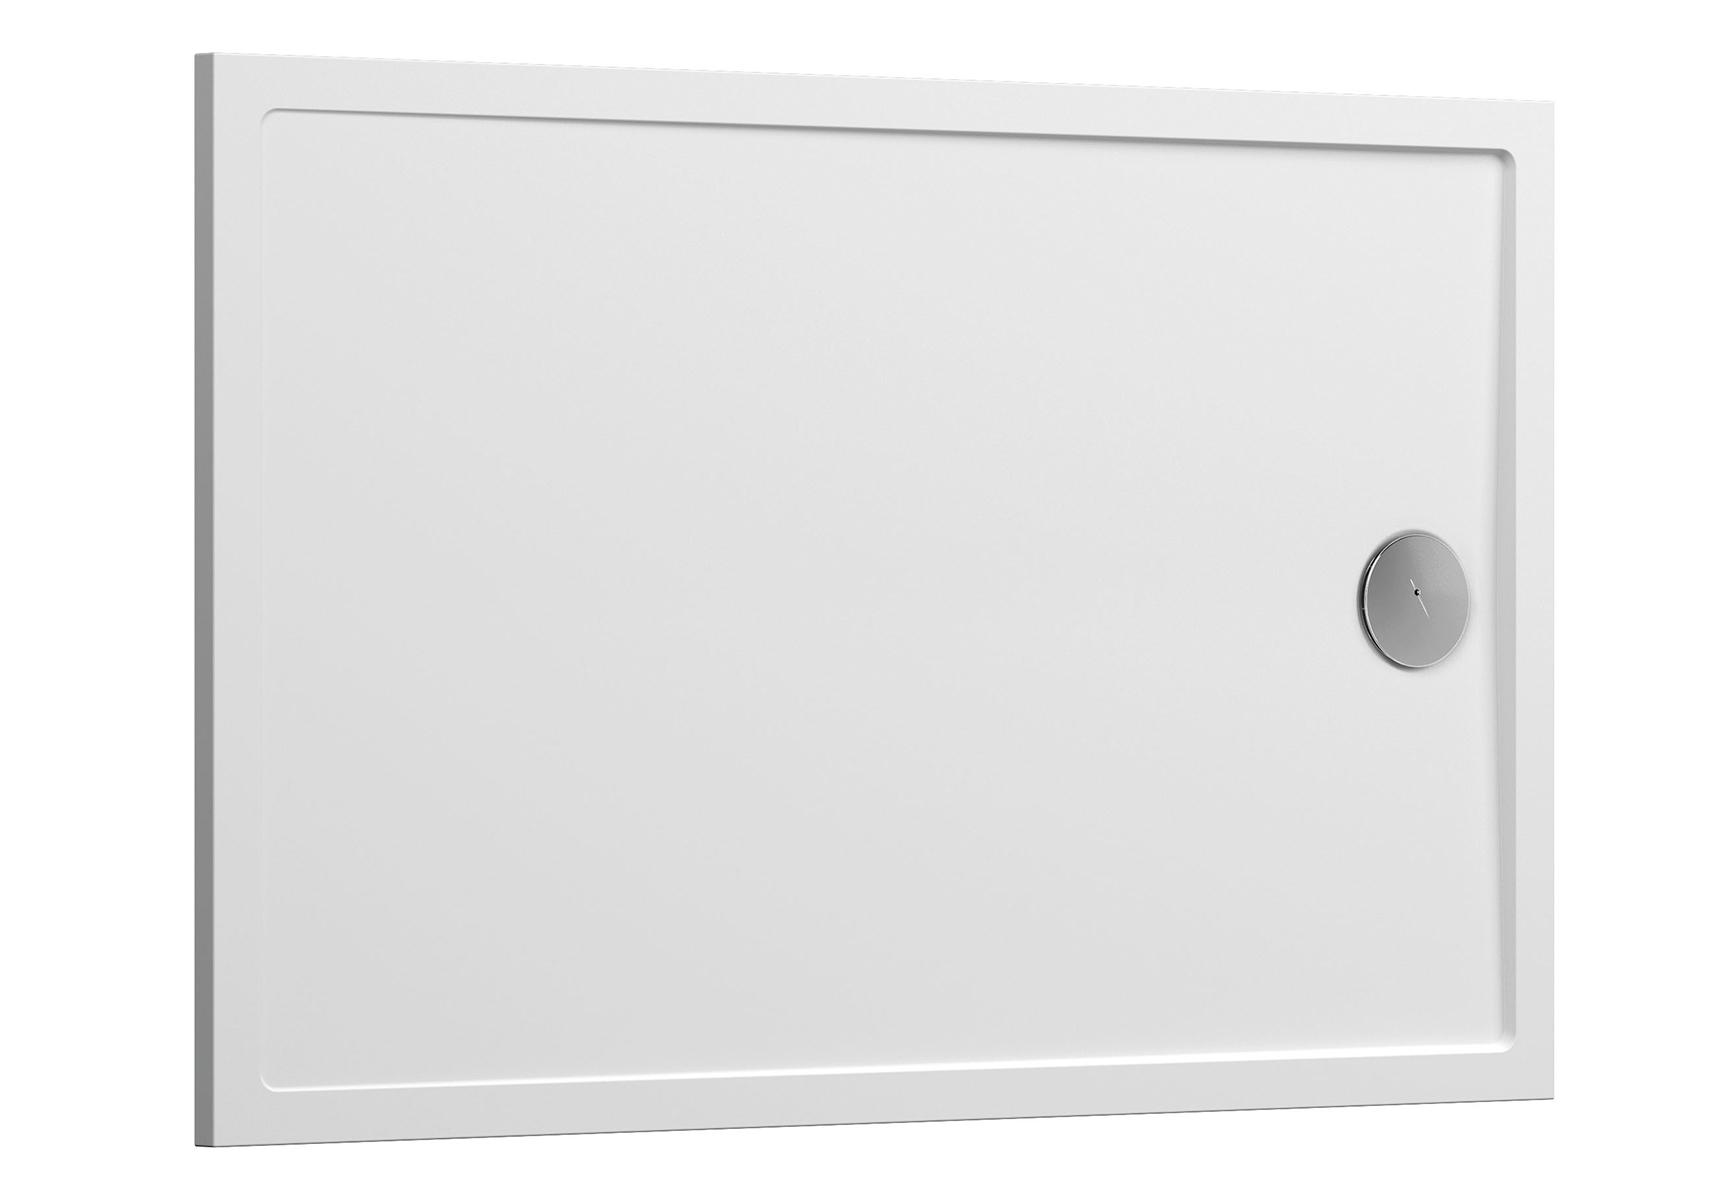 Aruna receveur ultra plat, 120  x  90 cm, à poser ou à encastrer, en pierre m³ solide